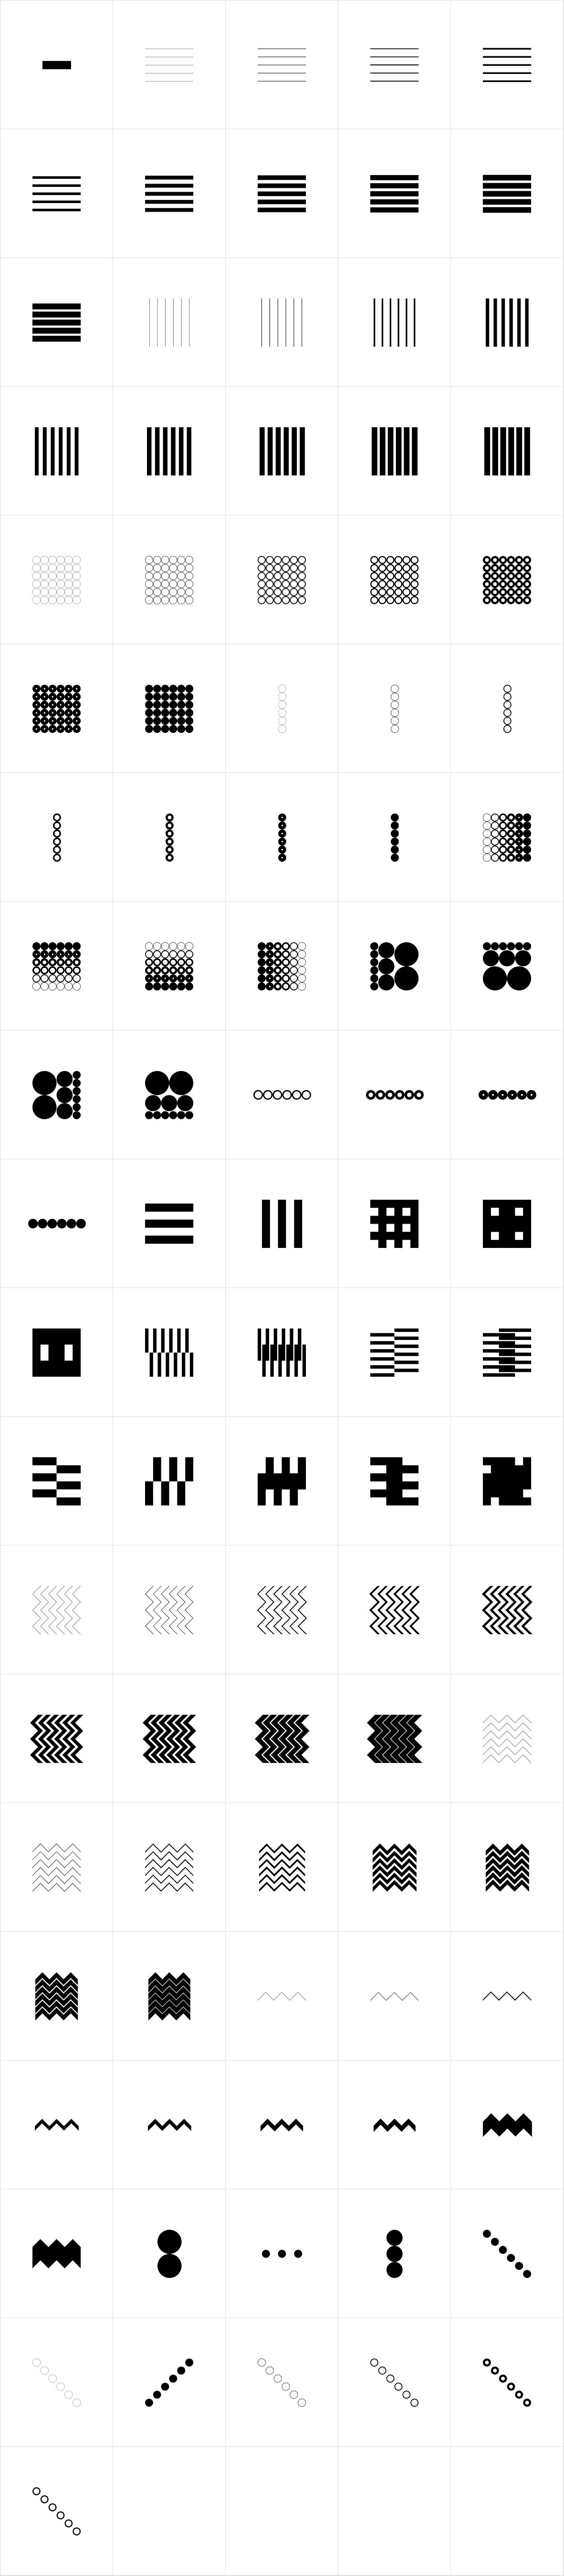 FormPattern Six